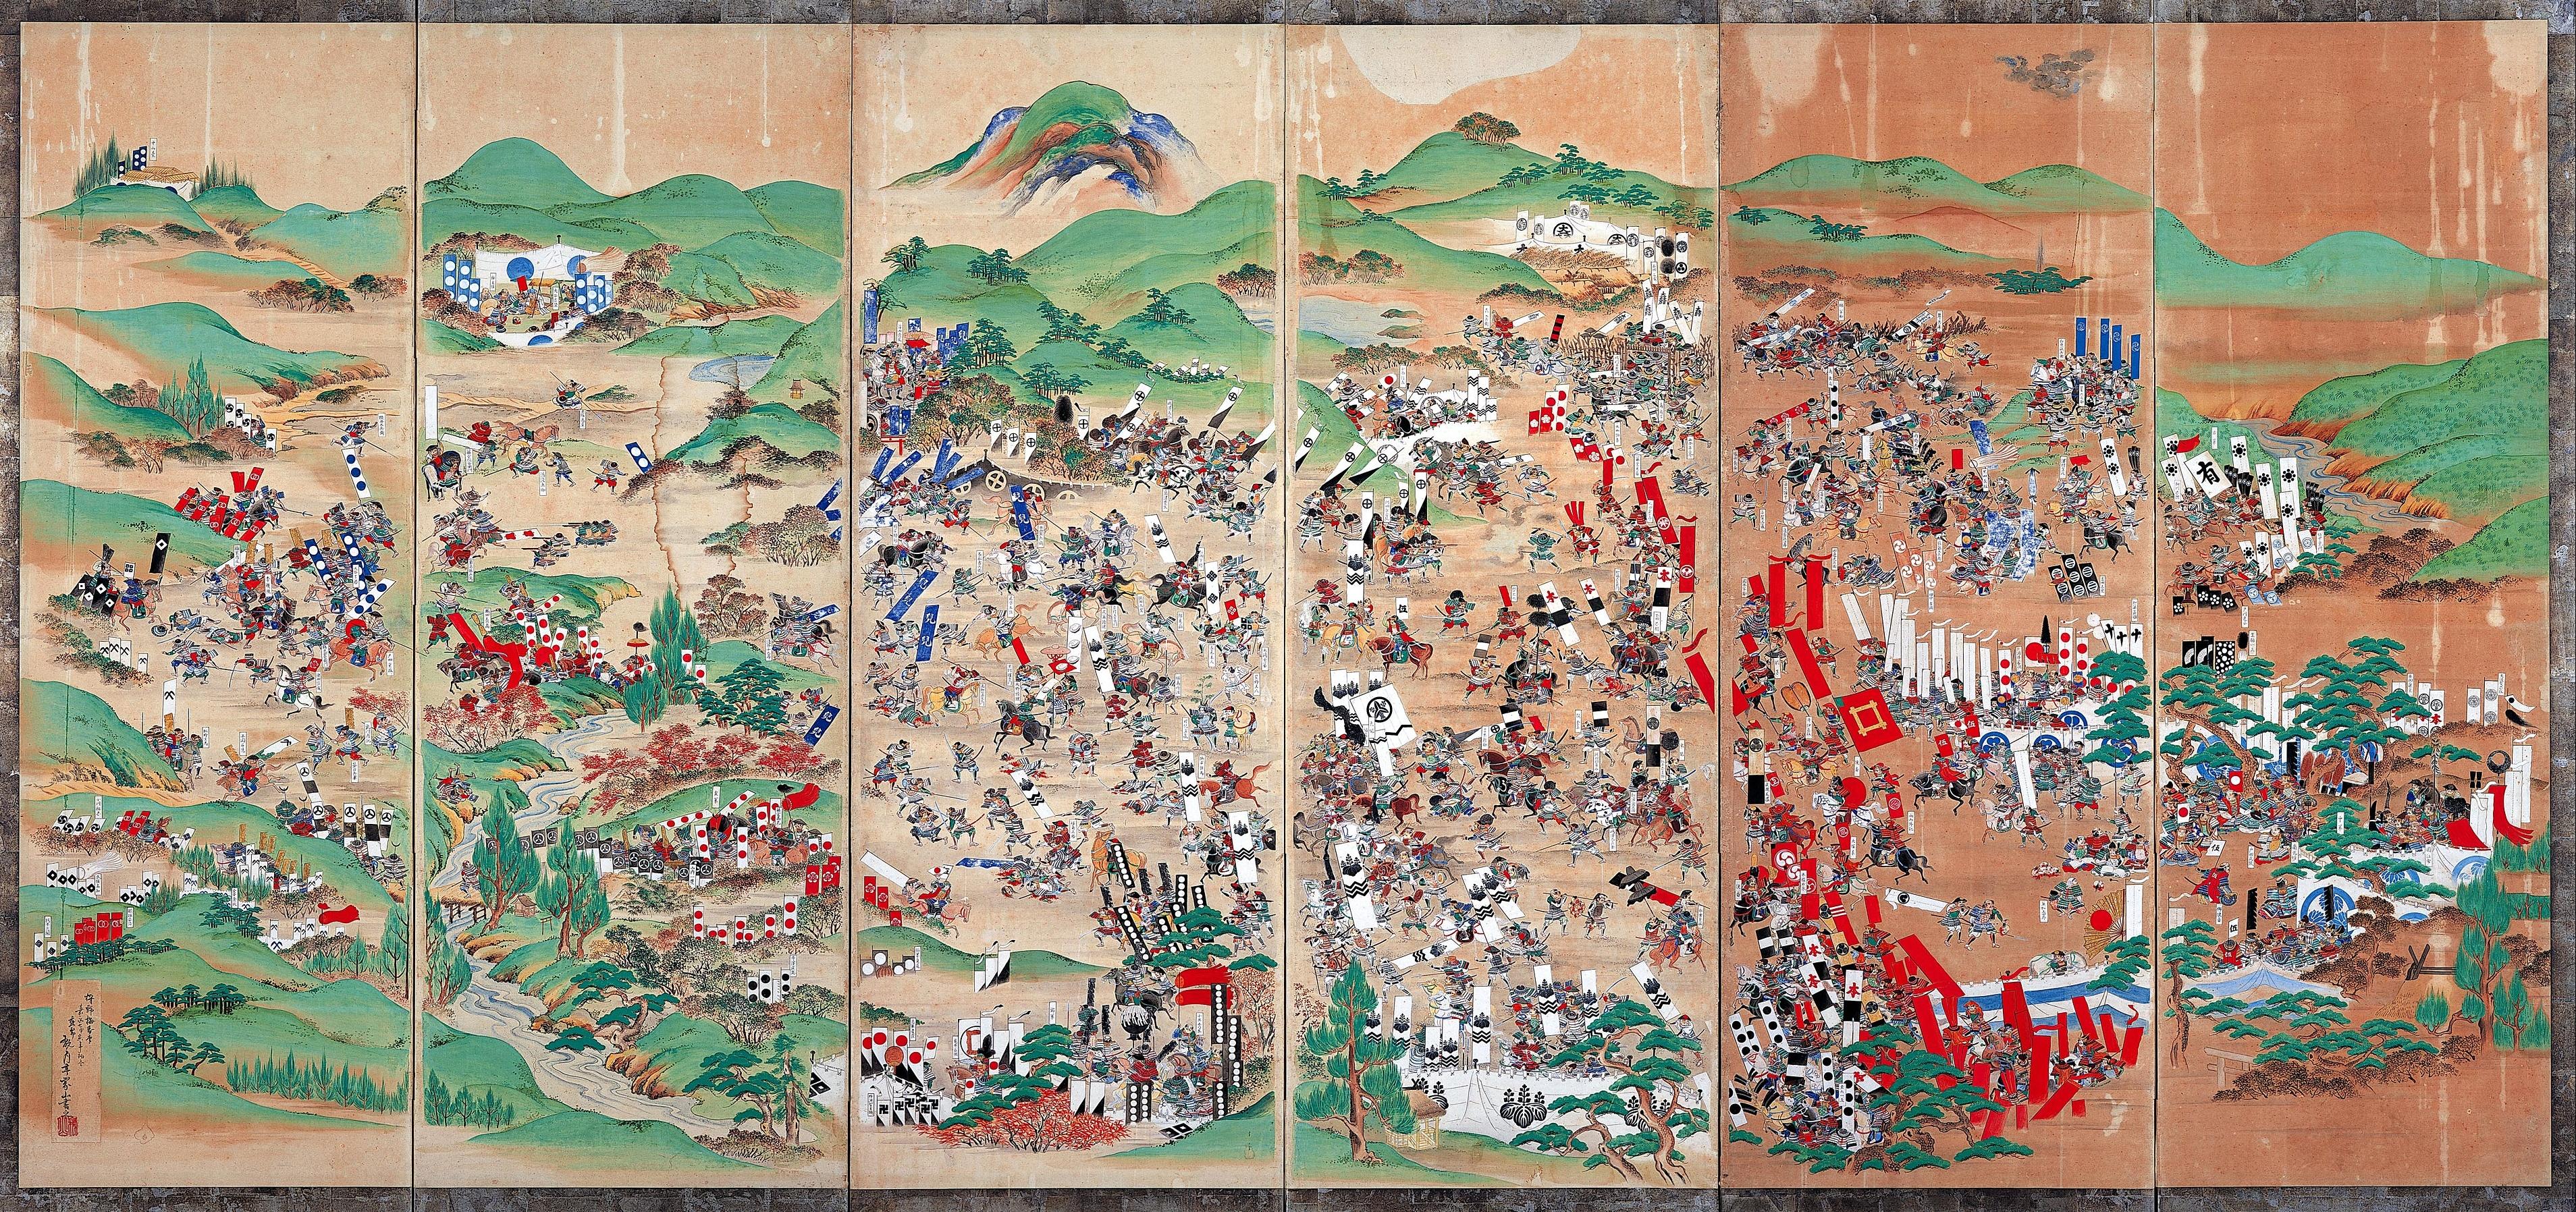 Depiction of Batalla de Sekigahara